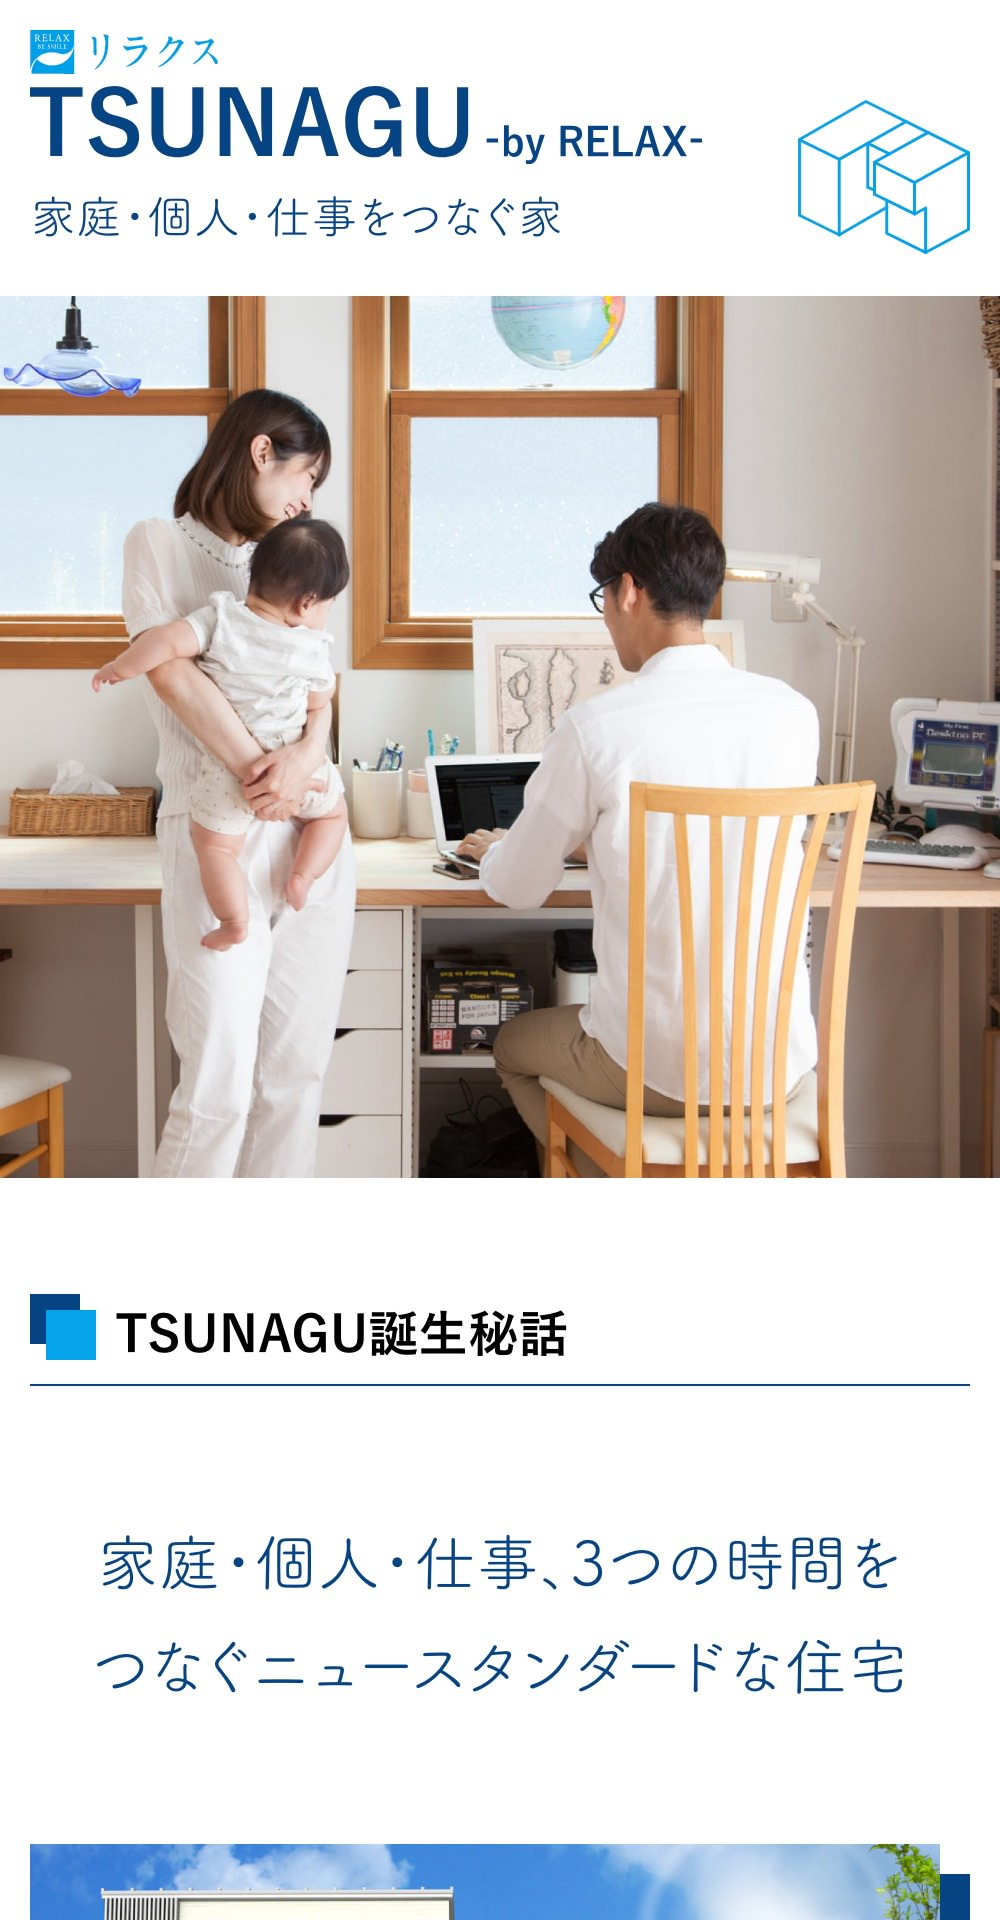 TSUNAGU -by RELAX- 家庭・個人・仕事をつなぐ家のスマートフォンキャプチャ